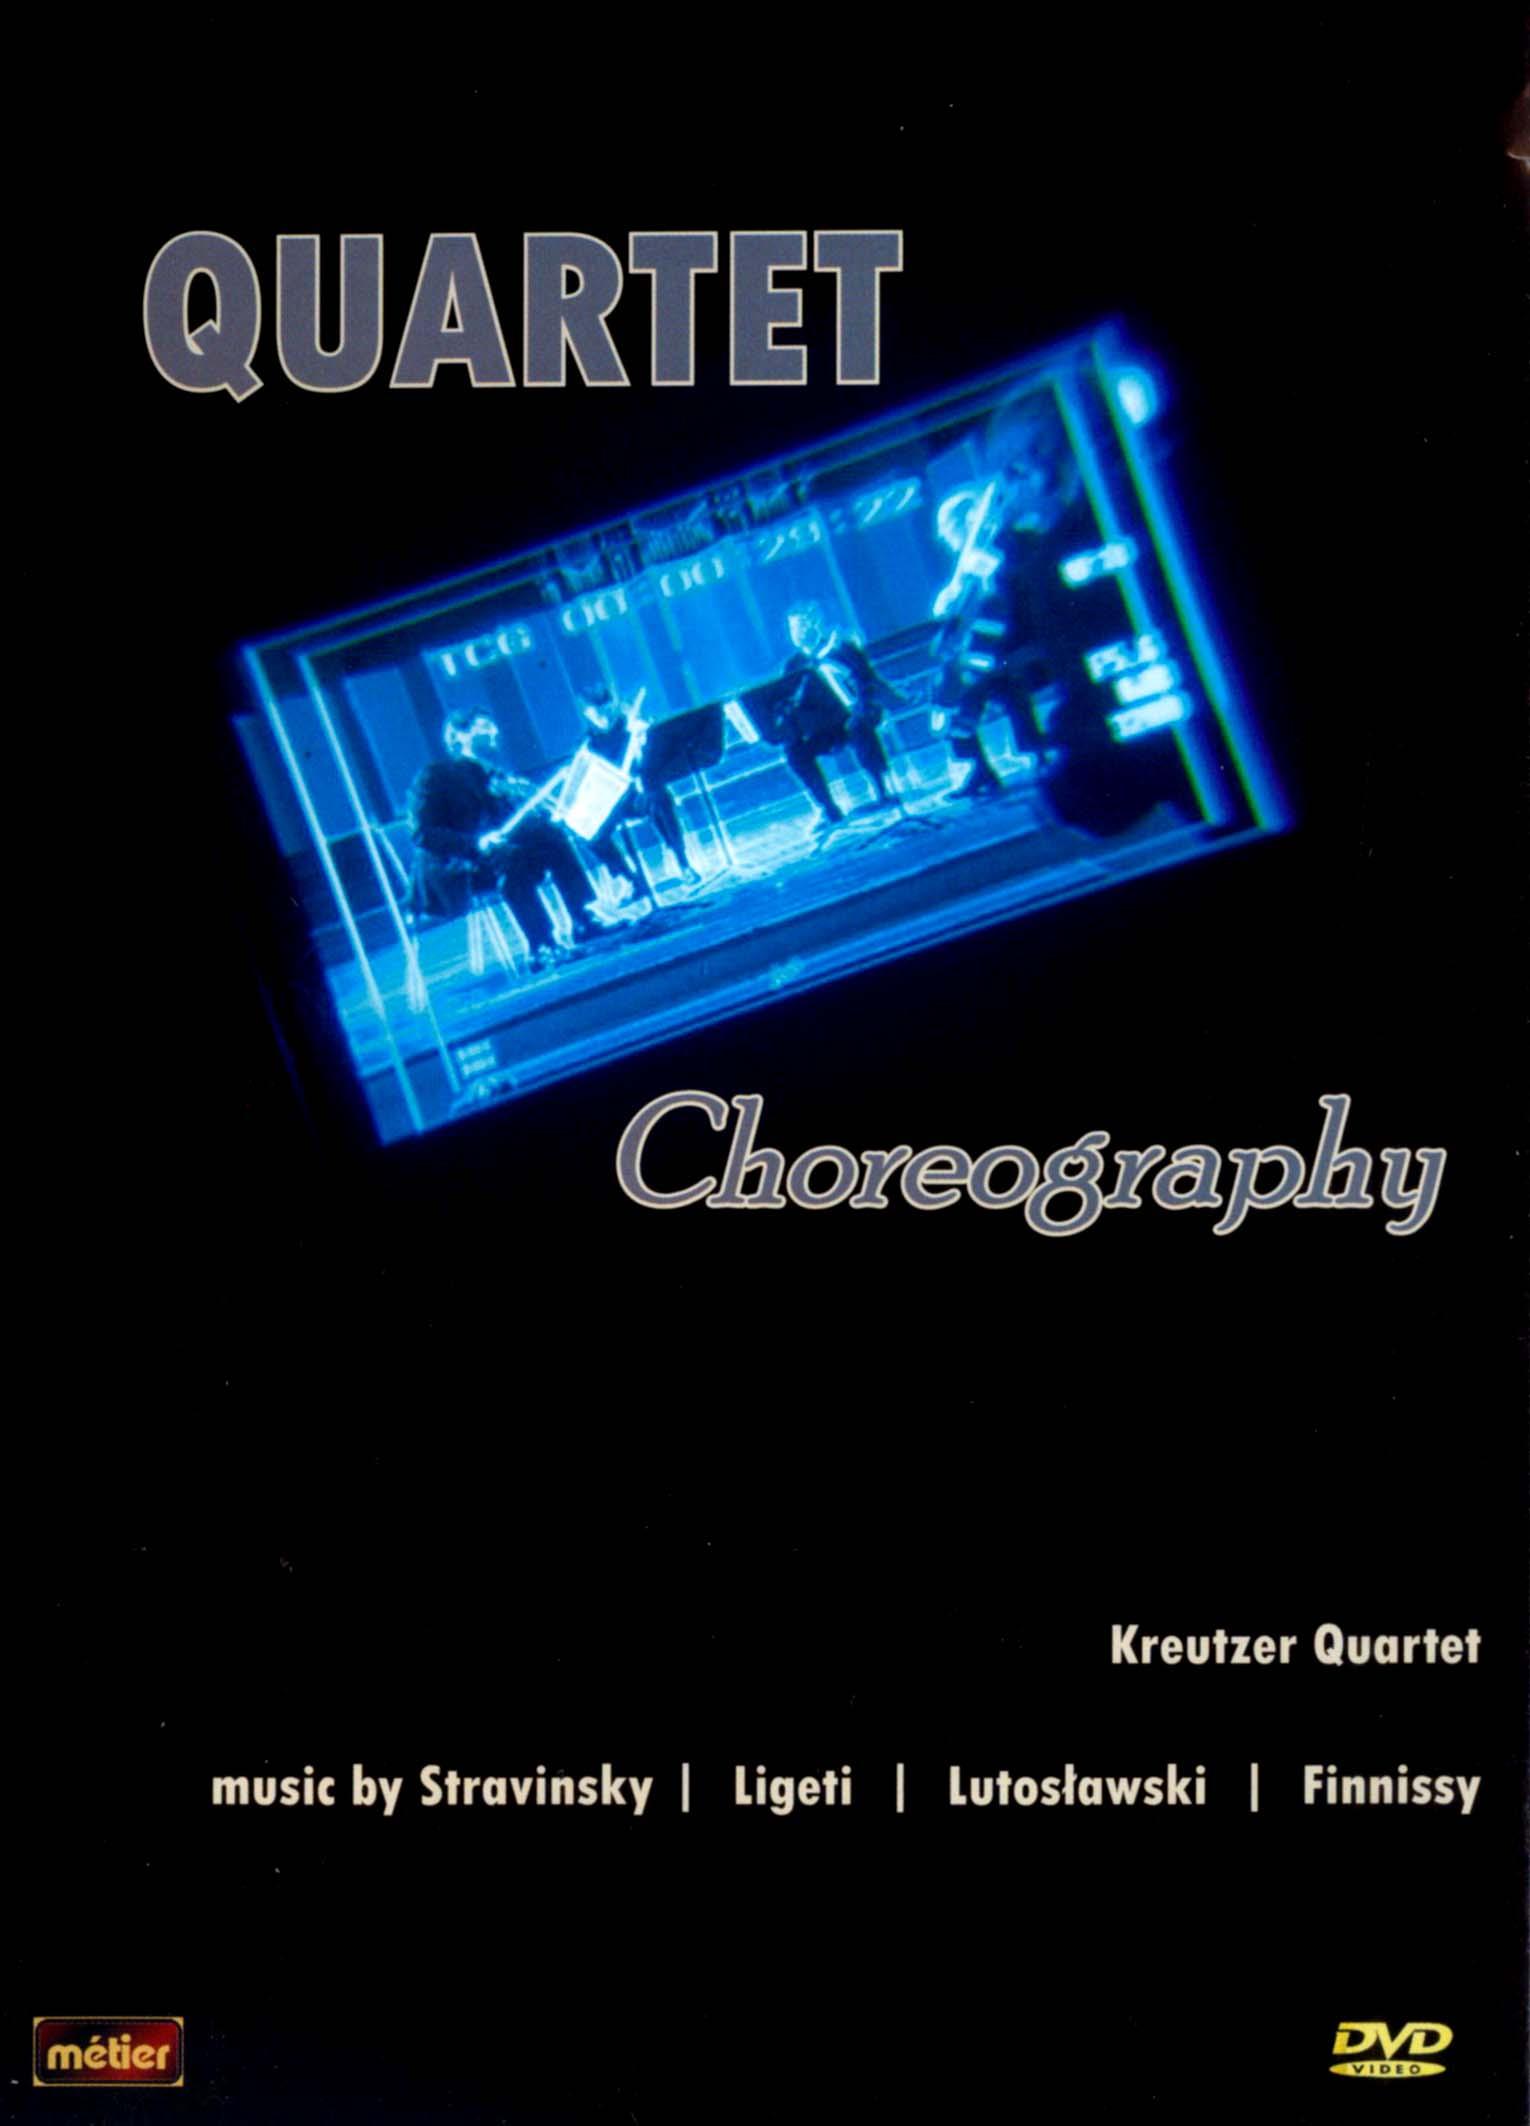 Kreutzer Quartet: Quartet Choreography